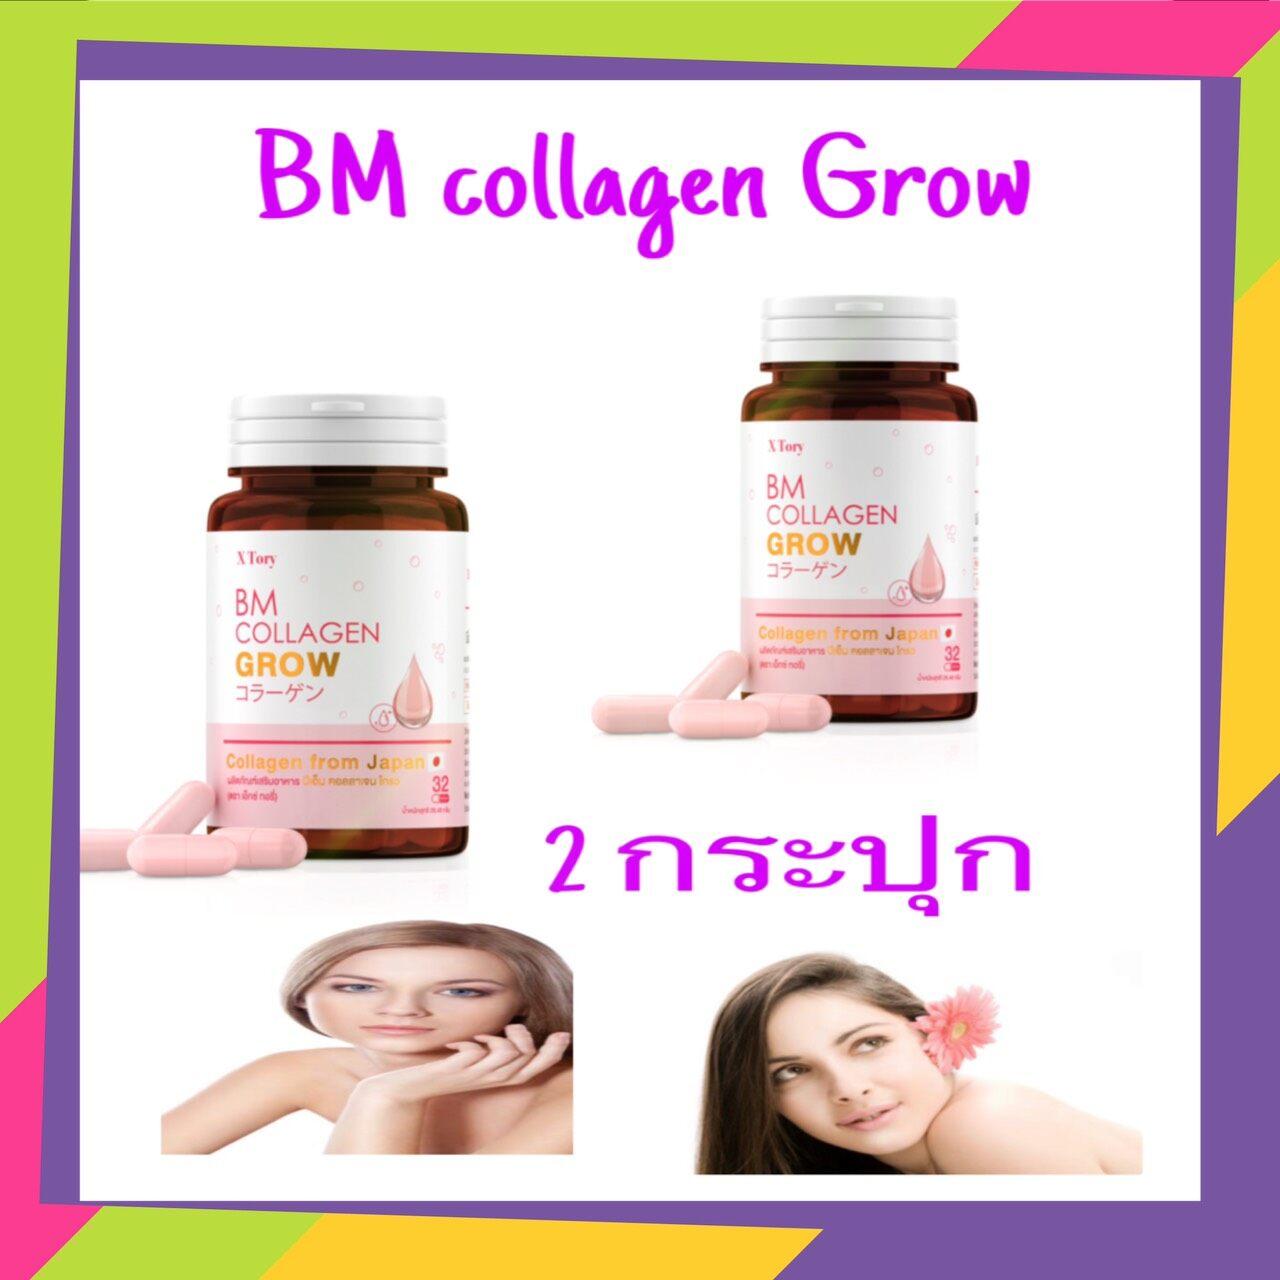 Bm Collagen Grow บีเอ็ม คอลลาเจน โกรว 2 กระปุก เป็นแหล่งรวมวิตามิน C ที่อุดมสมบูรณ์ที่สุดมากกว่าส้ม 45-80 เท่า ช่วยต่อต้านอนุมูลอิสระ ผิวสว่างสดใส ลดรอยหมองคล้ำ รอยดำ ช่วยให้แผล สิว ฝ้า กระ หายเร็วขึ้น ของแท้จากบริษัท.